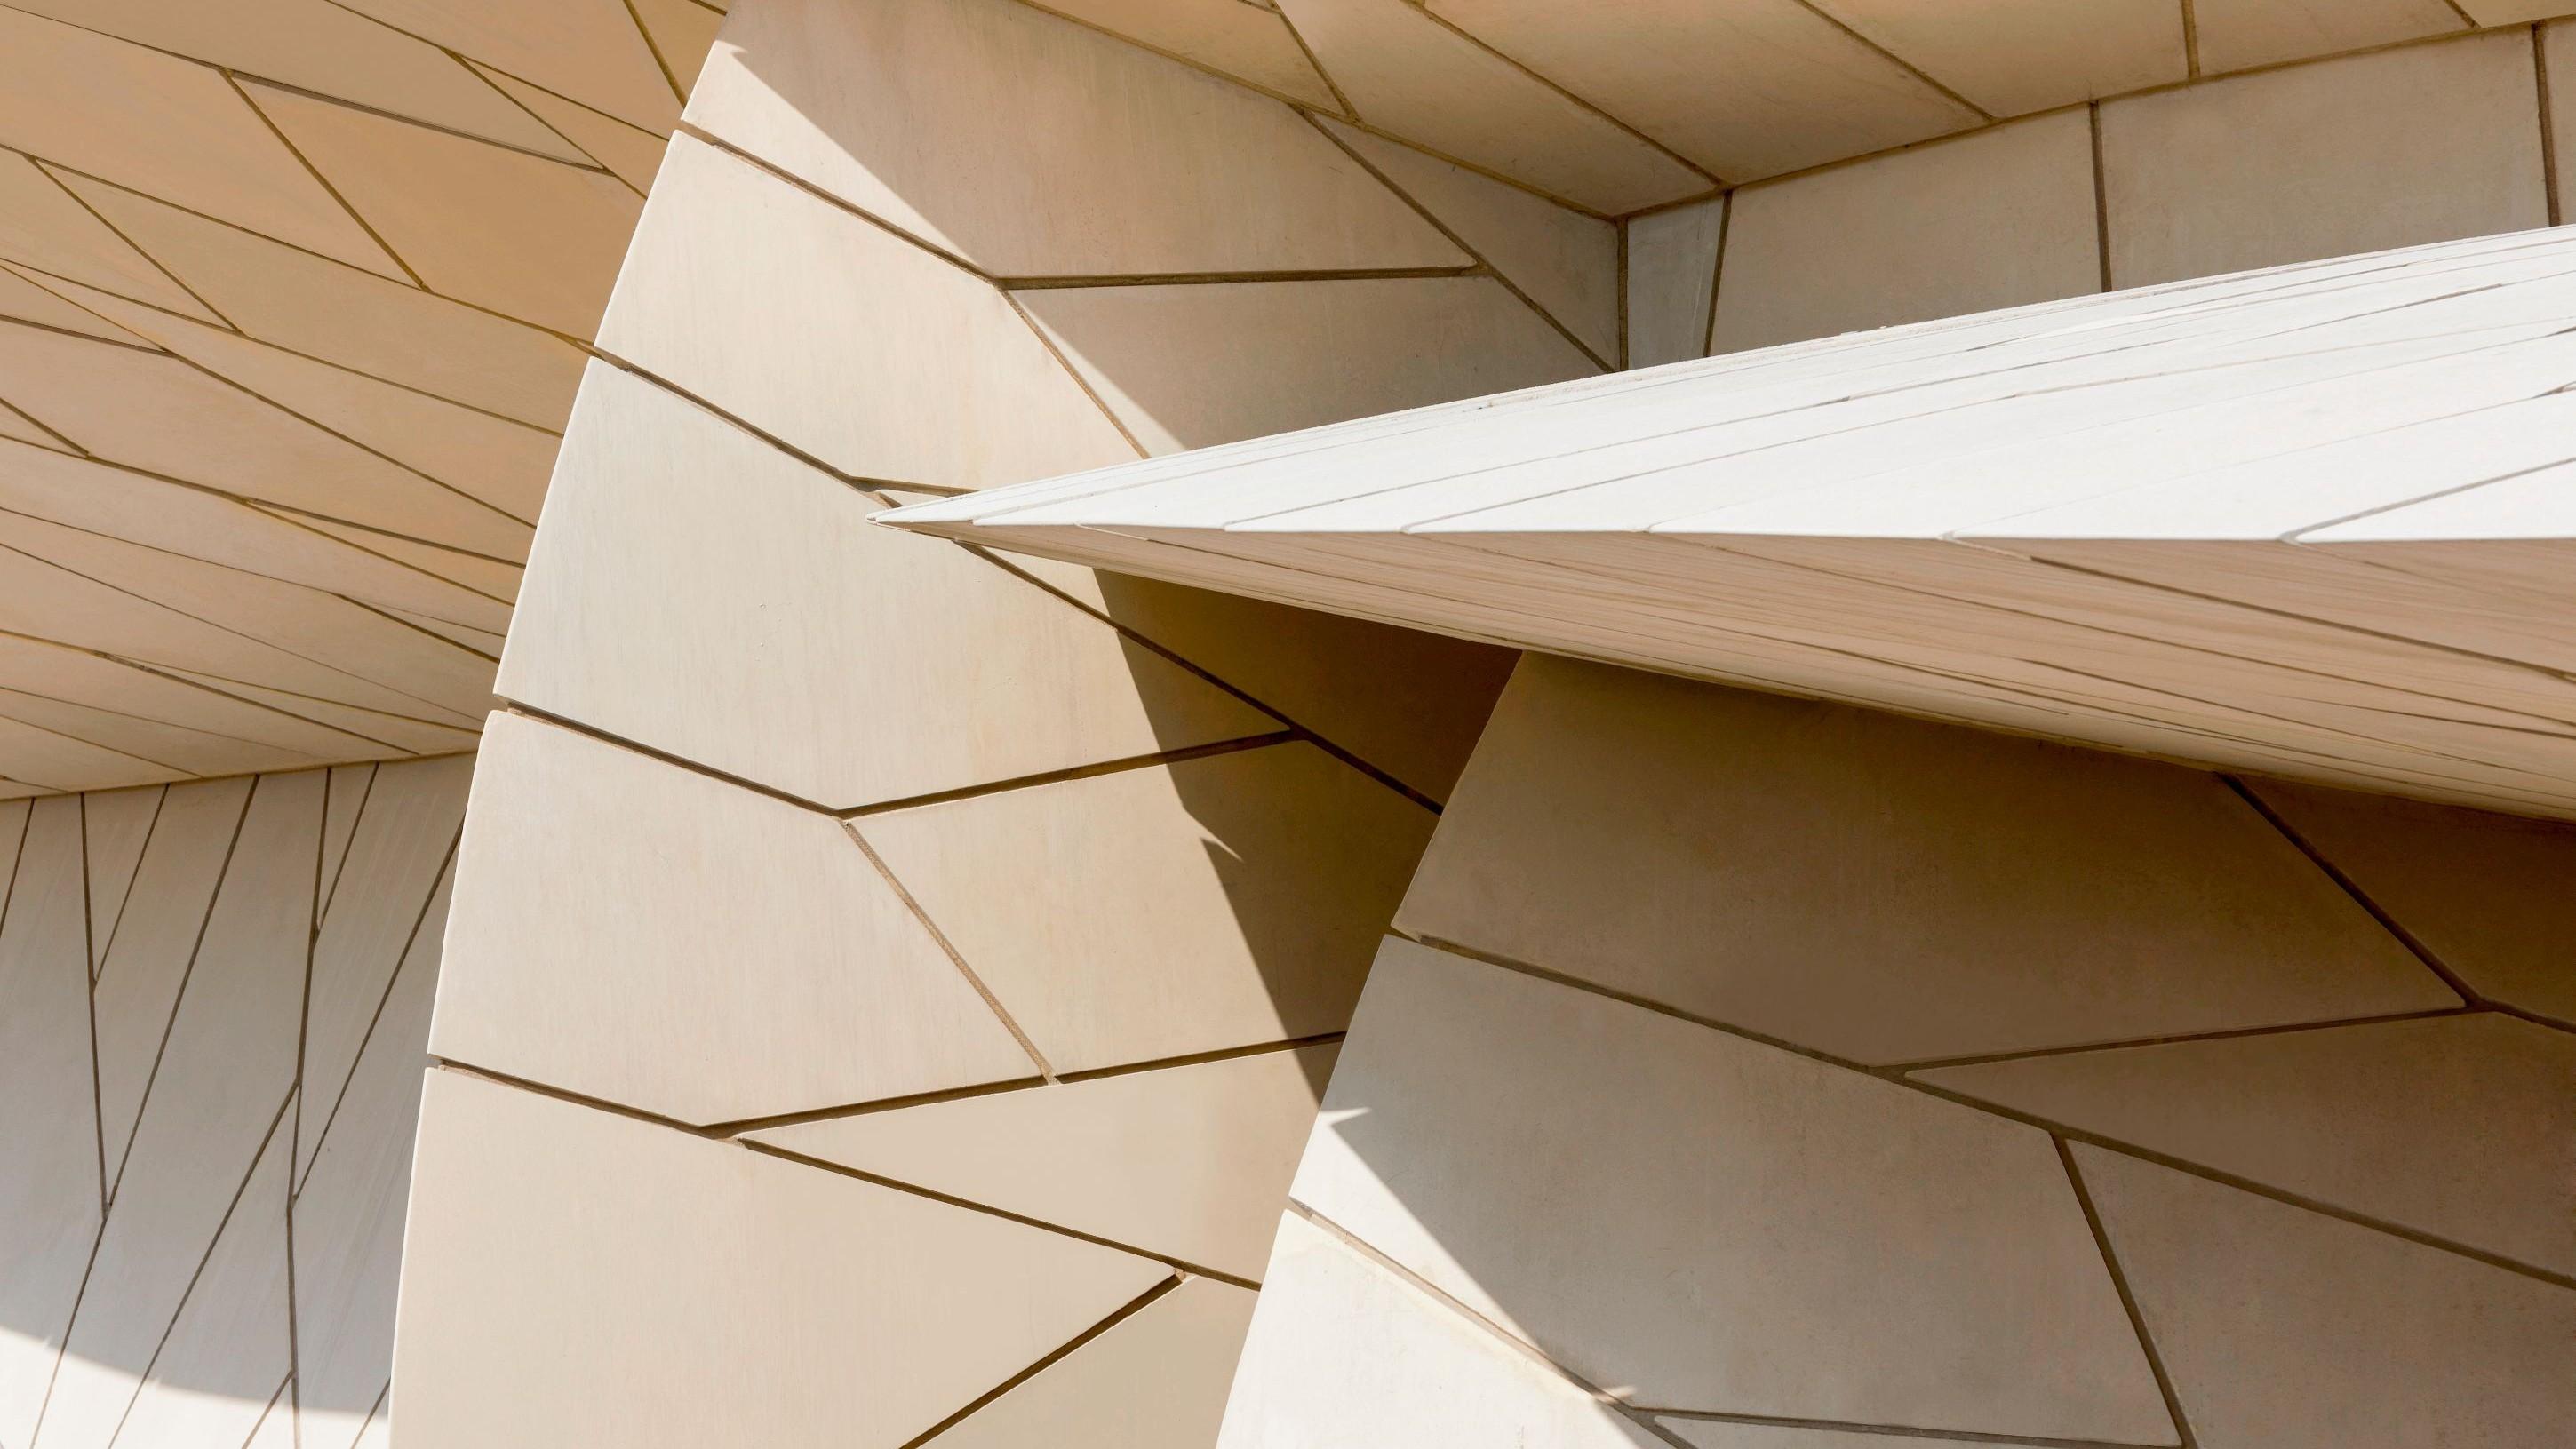 Die einzelnen Fassaden-Teller bestehen aus insgesamt rund 76'000 Faserbetonelementen, die puzzle-artig zusammengefügt sind.